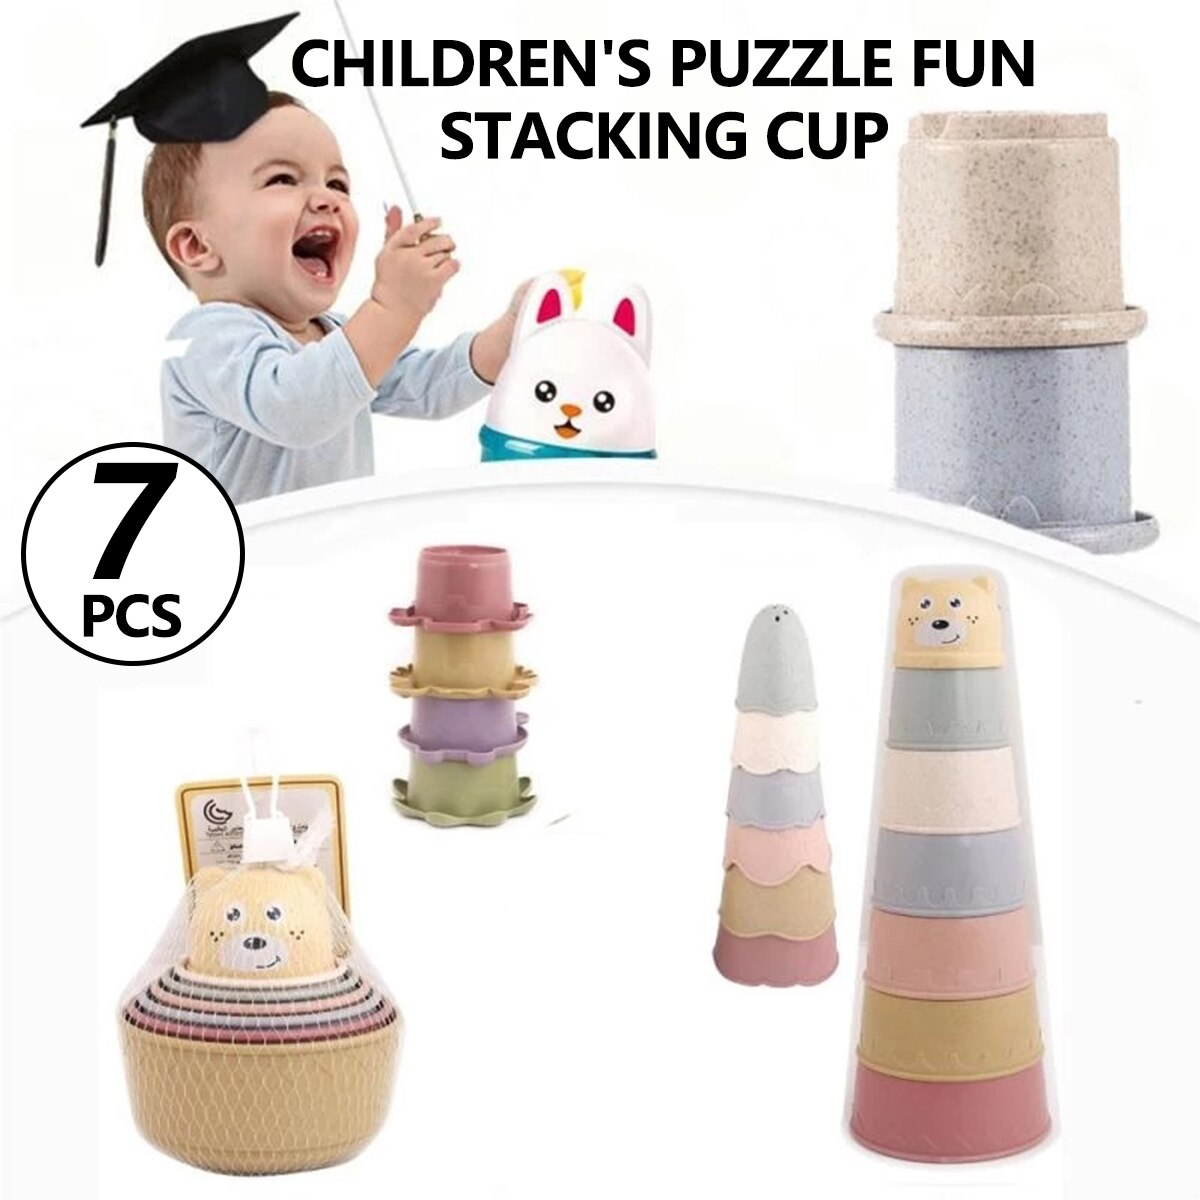 7 шт./компл. стаканы, стаканы, штабелируемые чашки, пляжные игрушки, детская штабелирующая чашка, игрушки для взаимодействия родителей и дете...